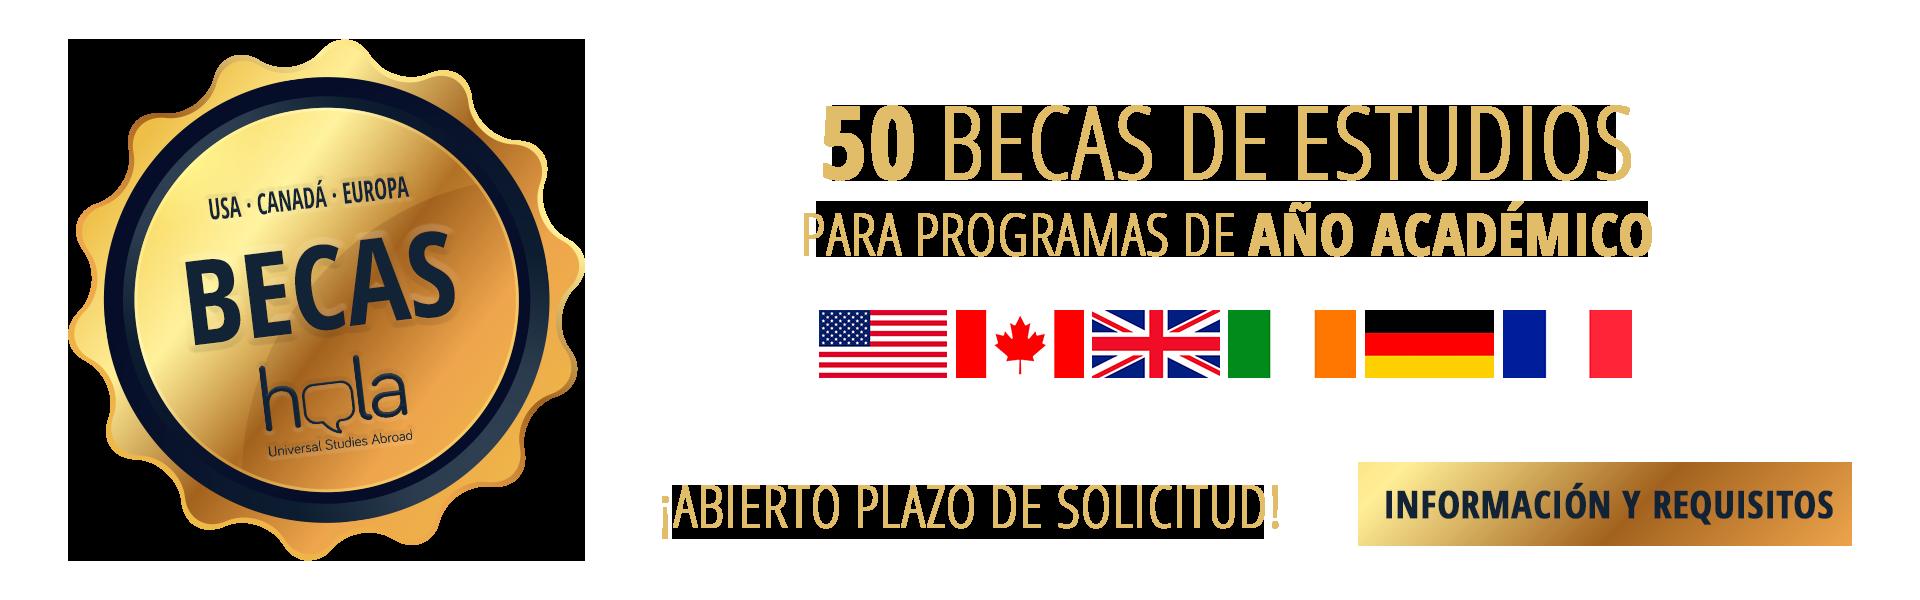 50 becas para estudiar enel extranjero el curso escolar 21-22